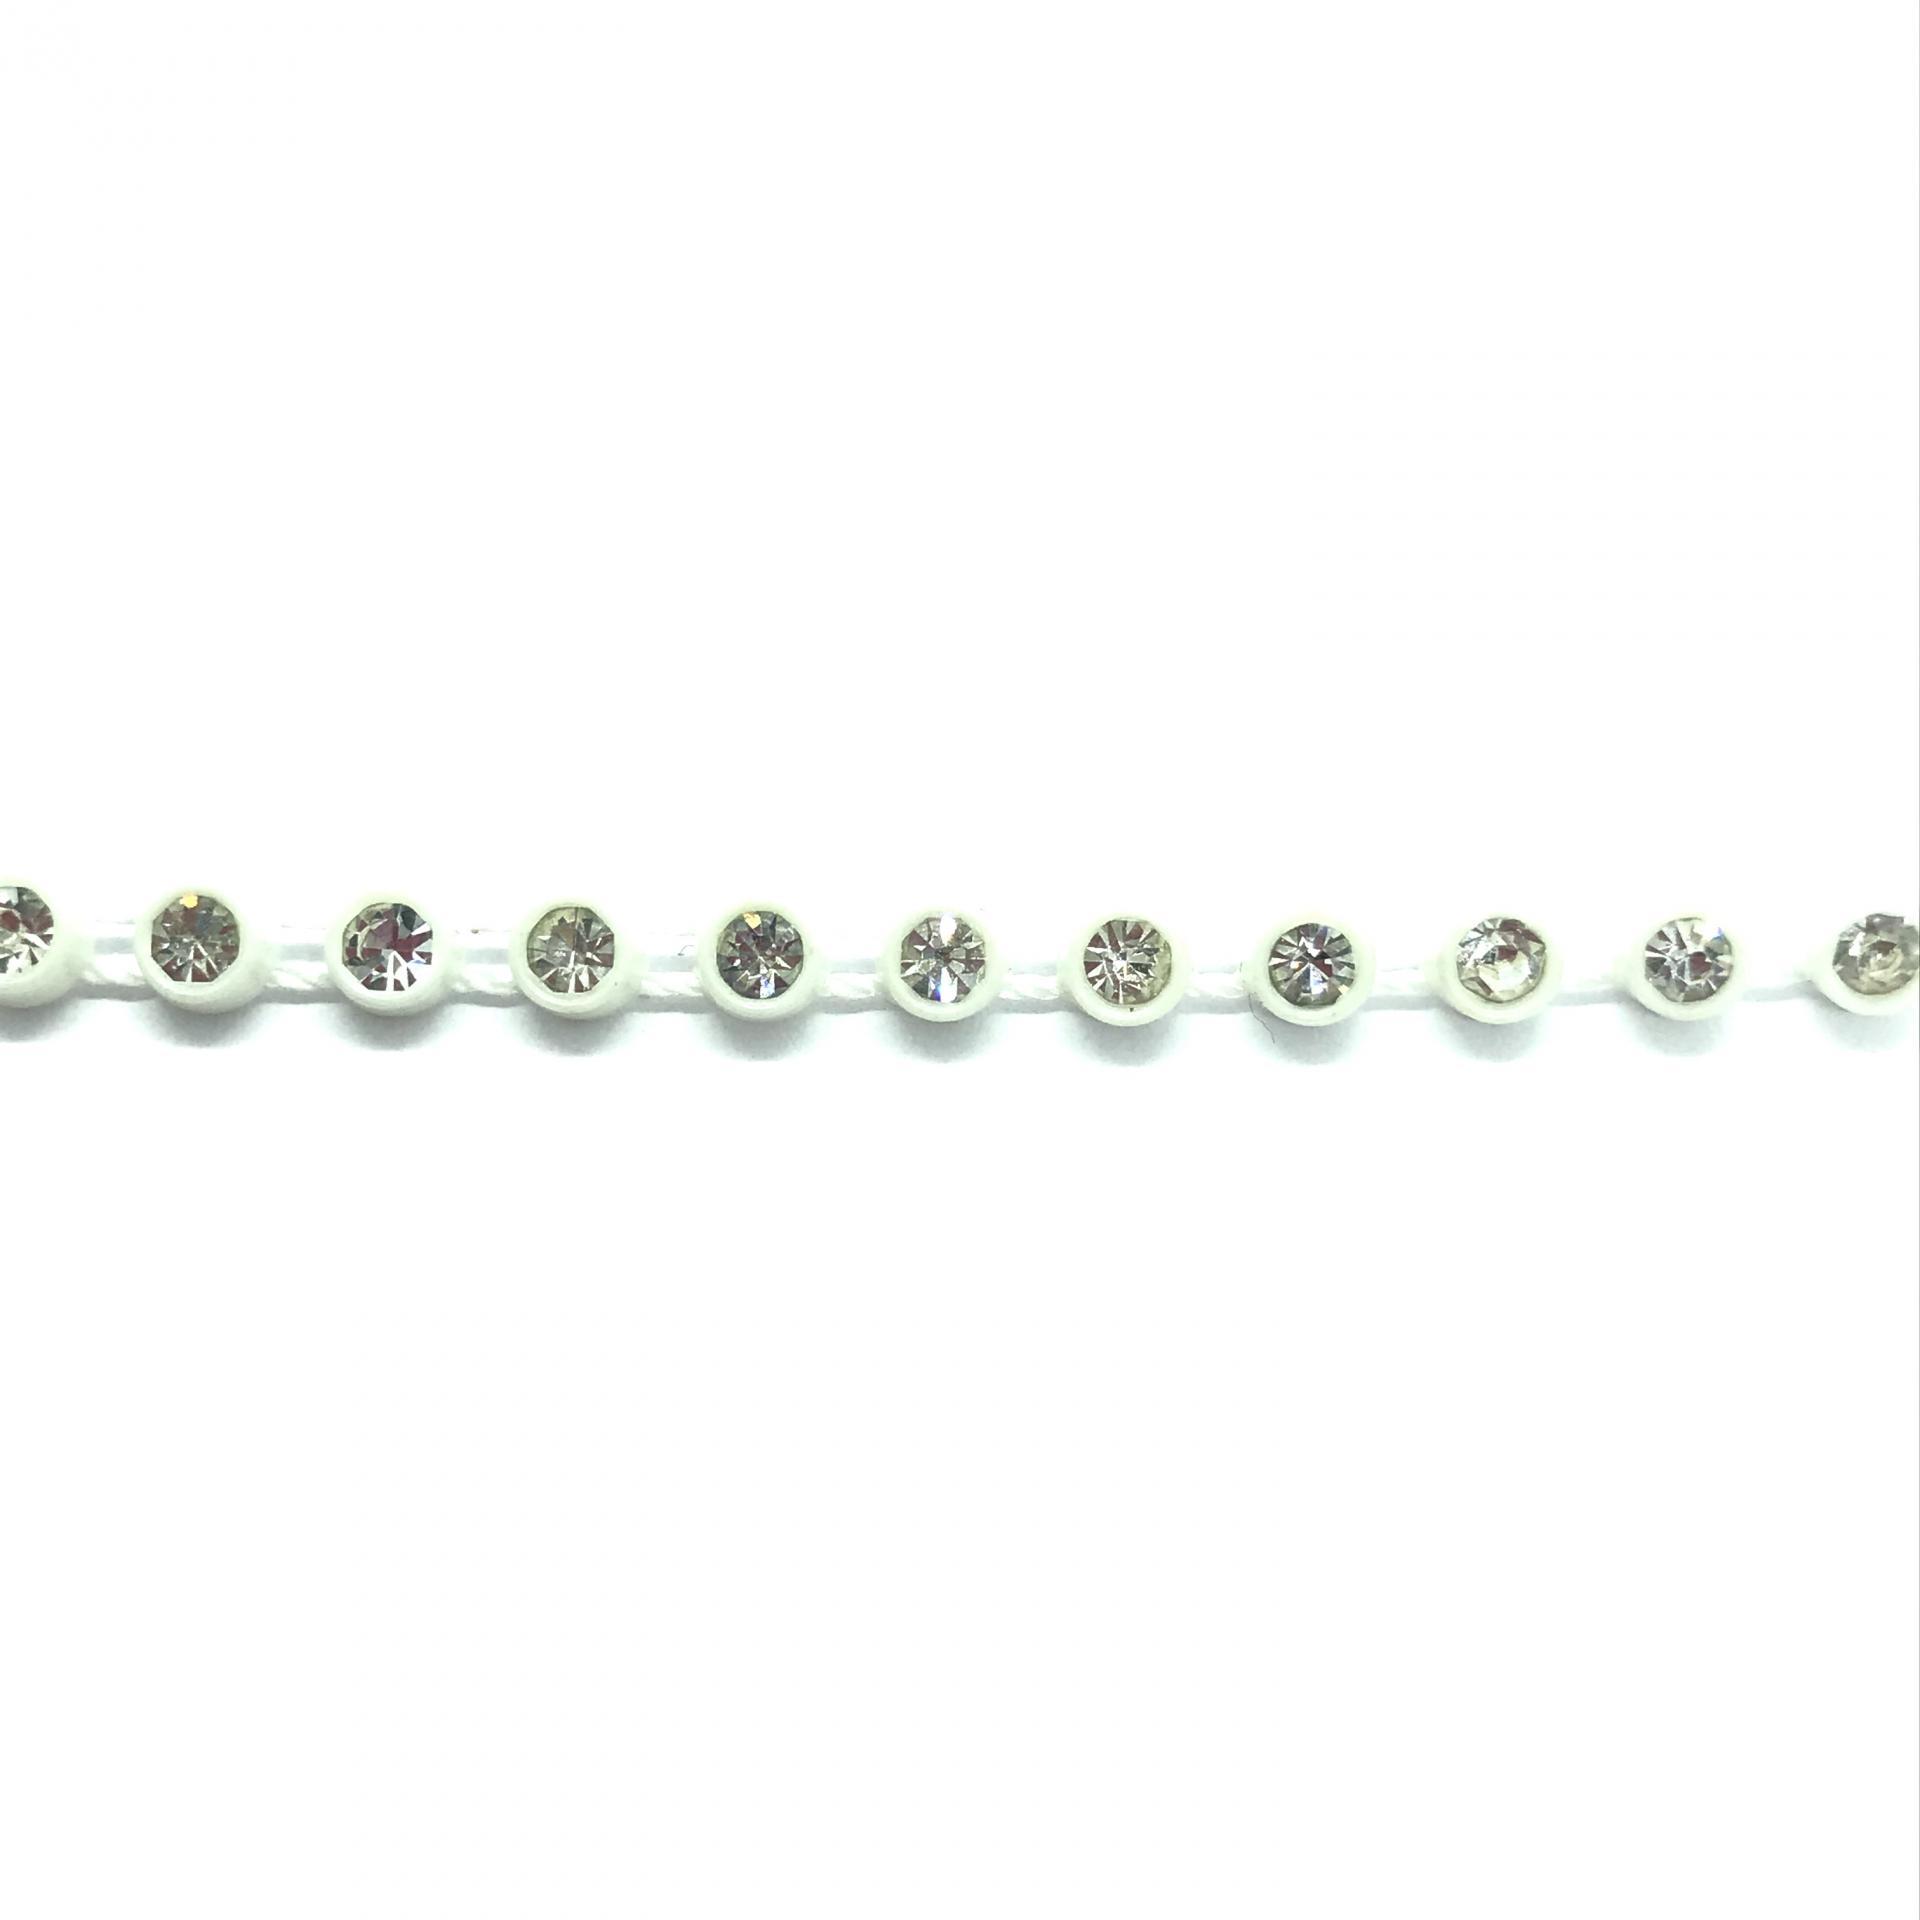 Galon de strass a coudre cristal base plastique blanche 7mm